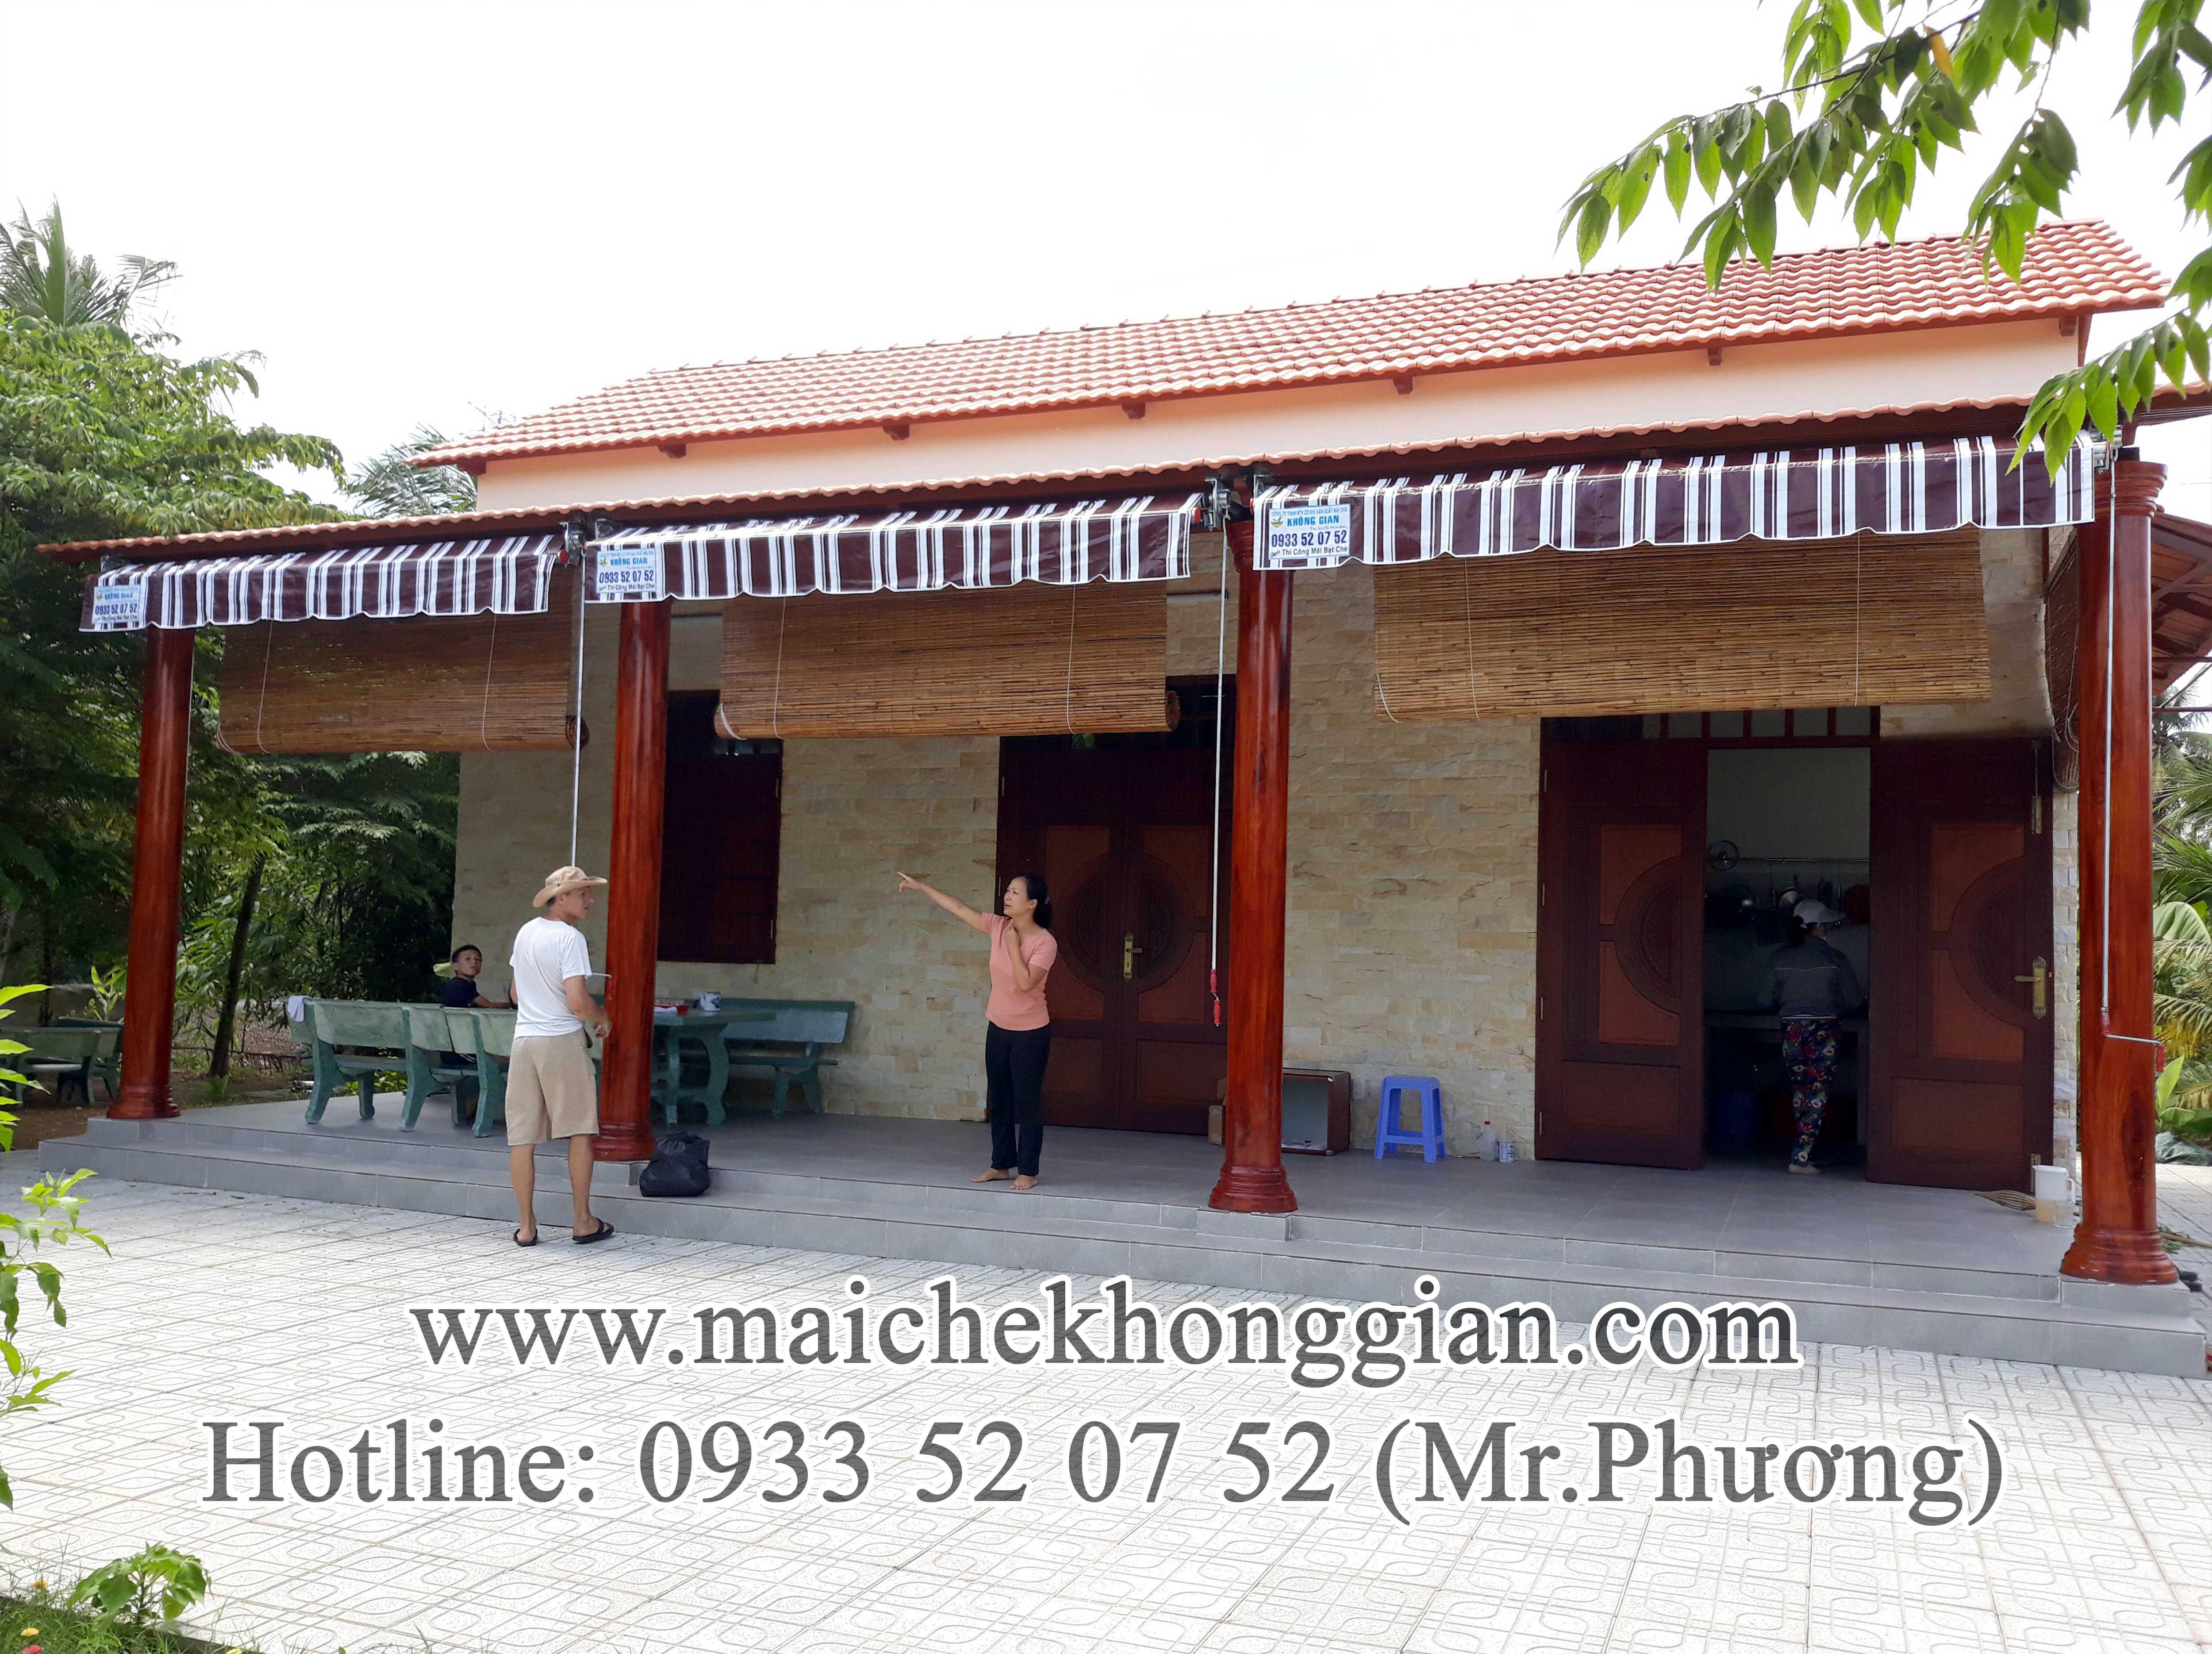 Mái Hiên Che Mưa Nắng Huyện Thanh Trị Sóc Trăng